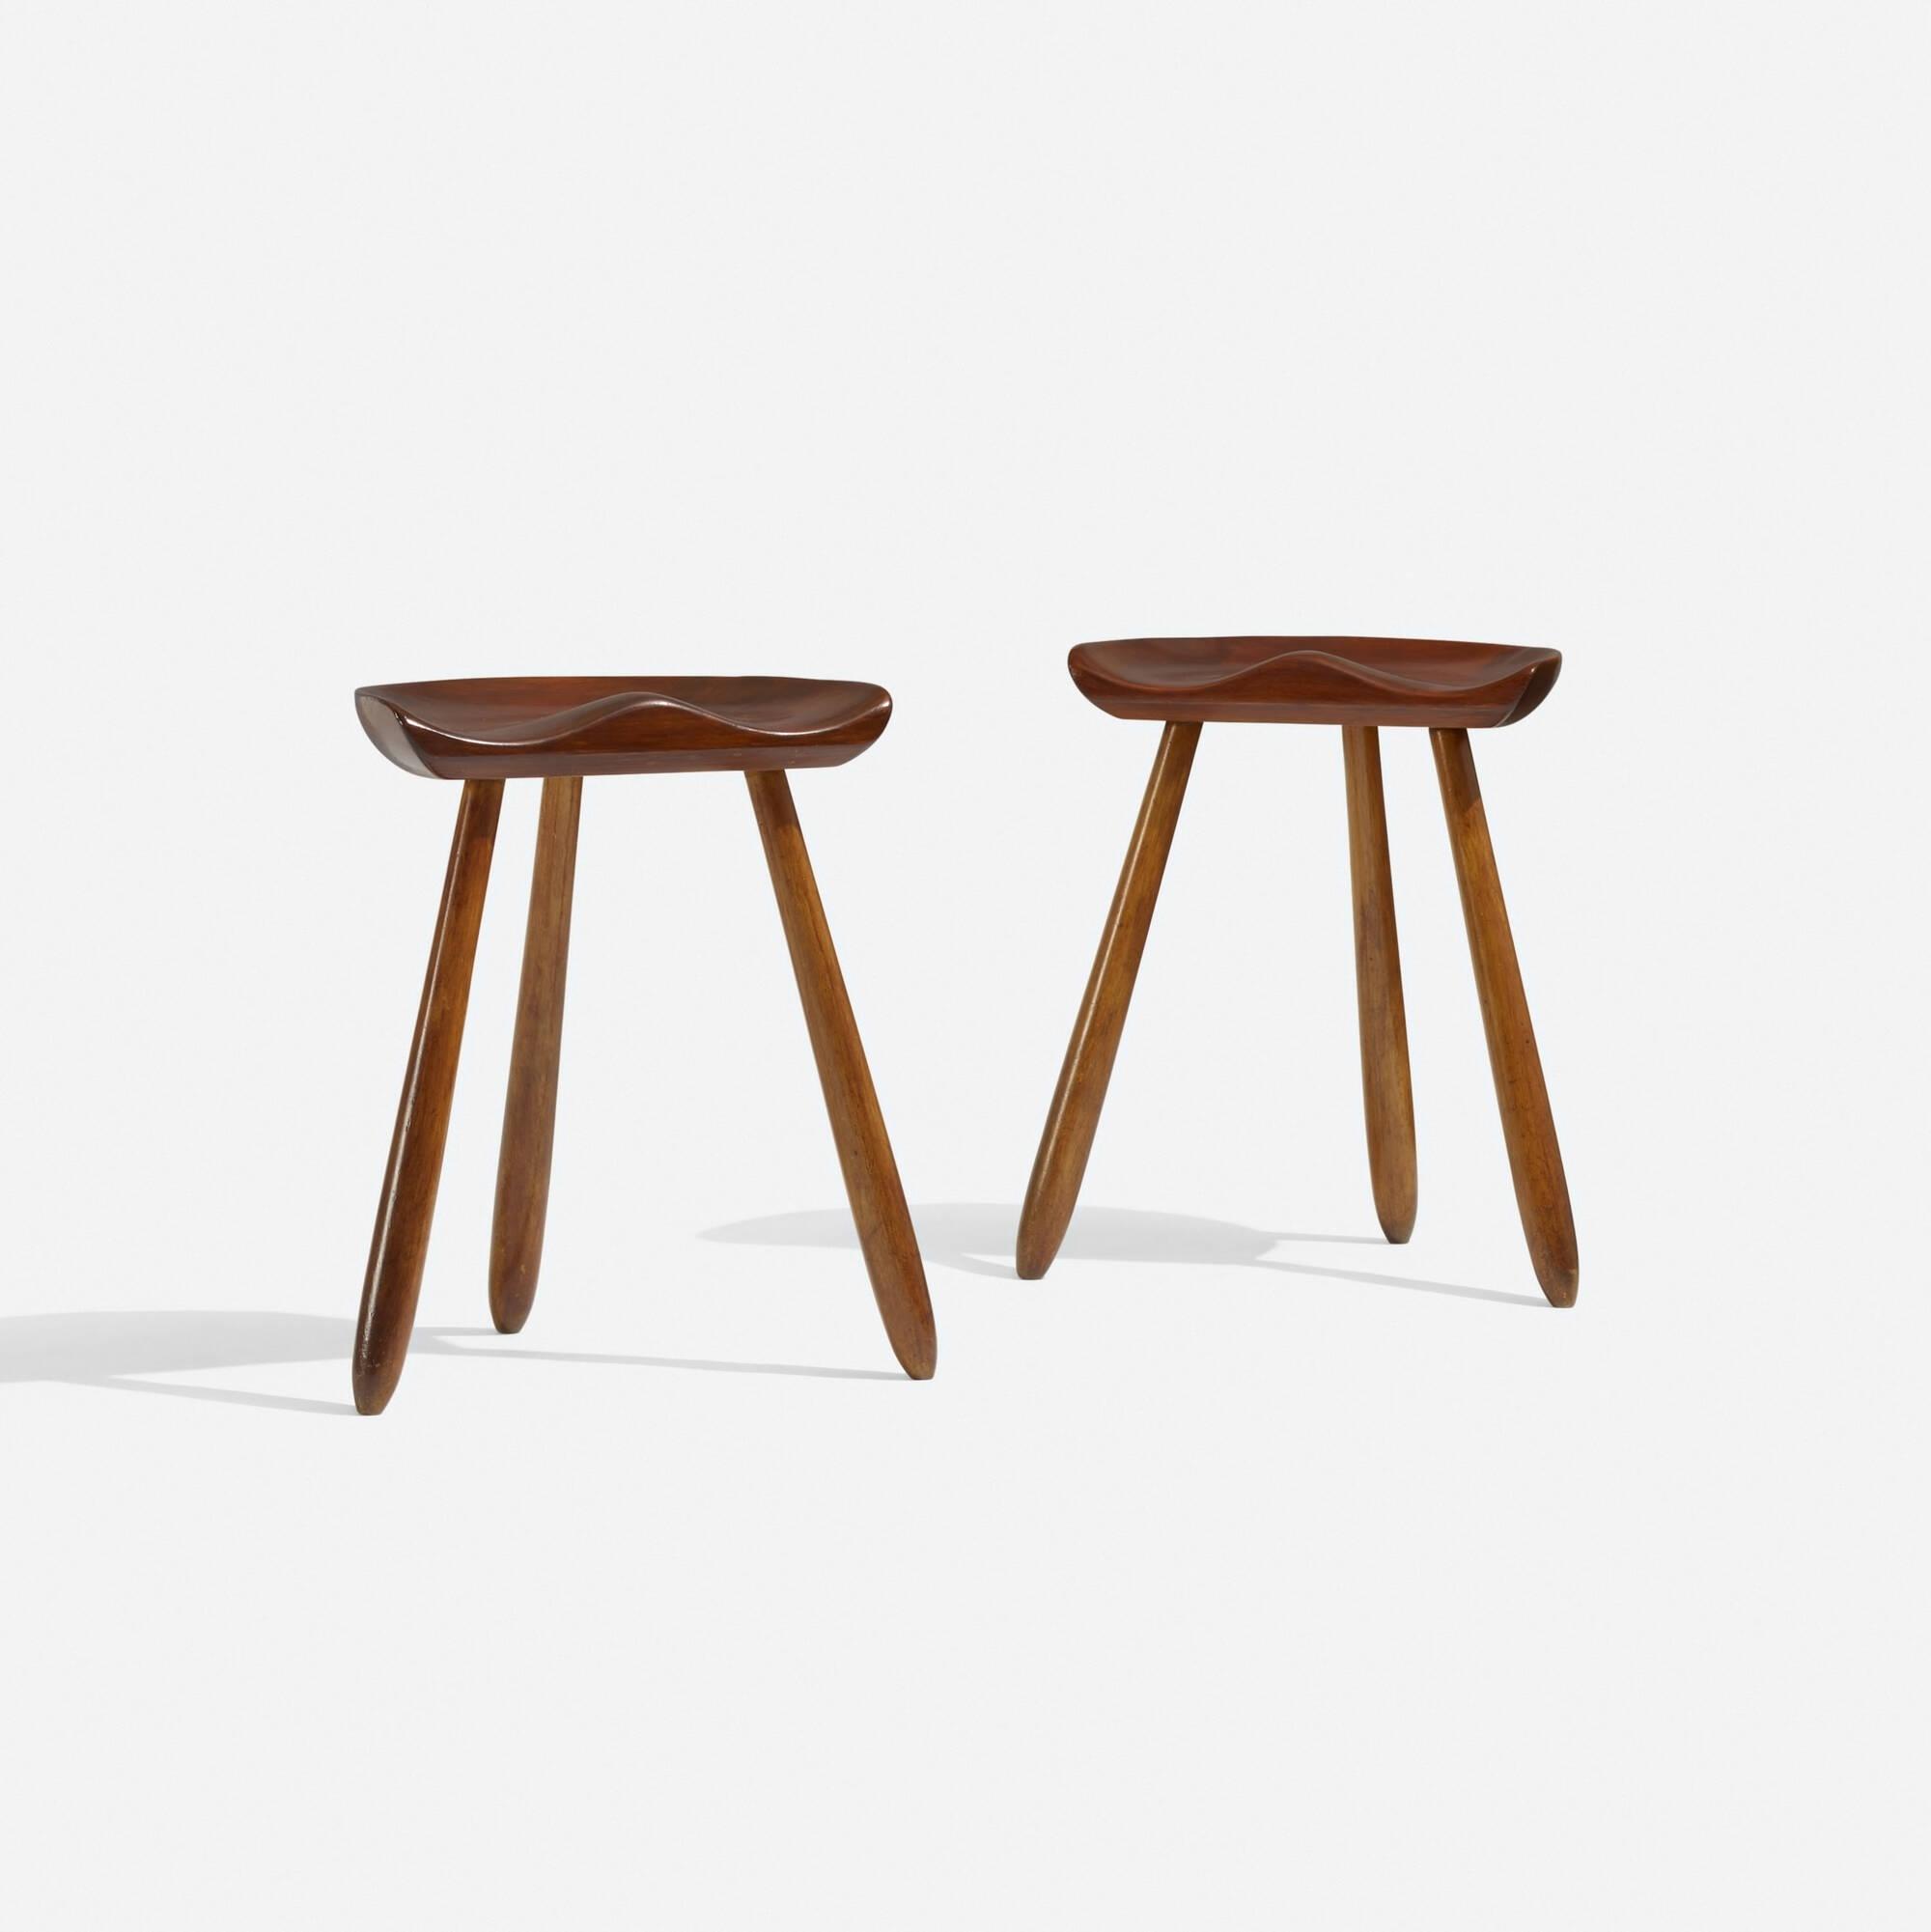 299: Arne Hovmand-Olsen / stools, pair (1 of 3)